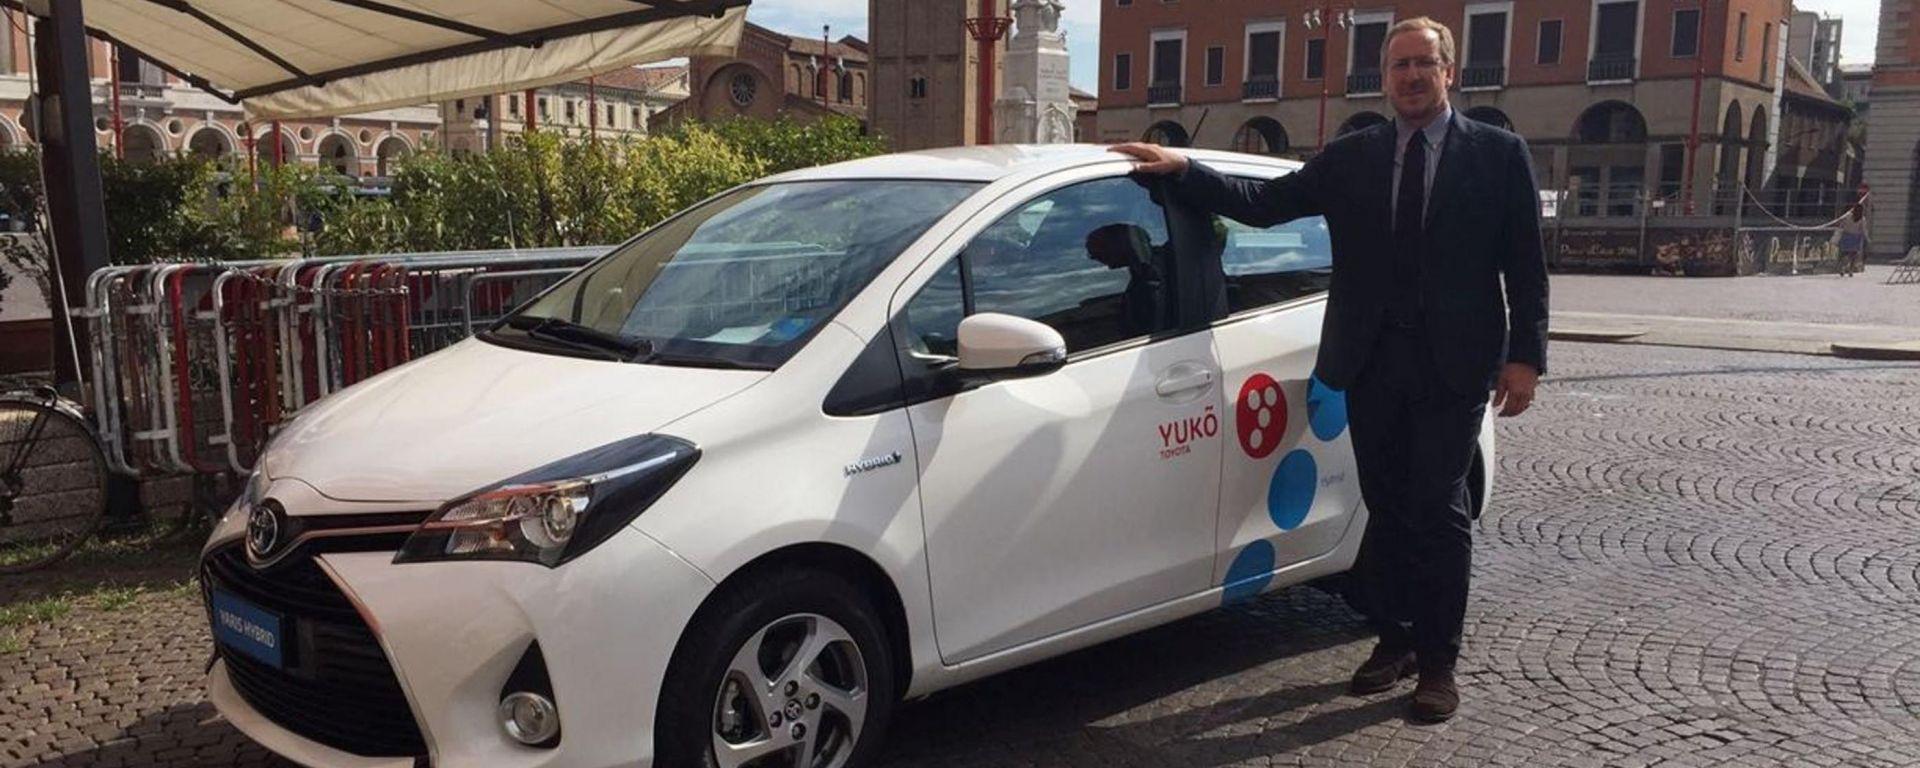 Andrea Carlucci, ad di Toyota Italia, al fianco di una delle 7 Yaris Hybrid del servizio di car sharing Yuko sbarcato a Forlì